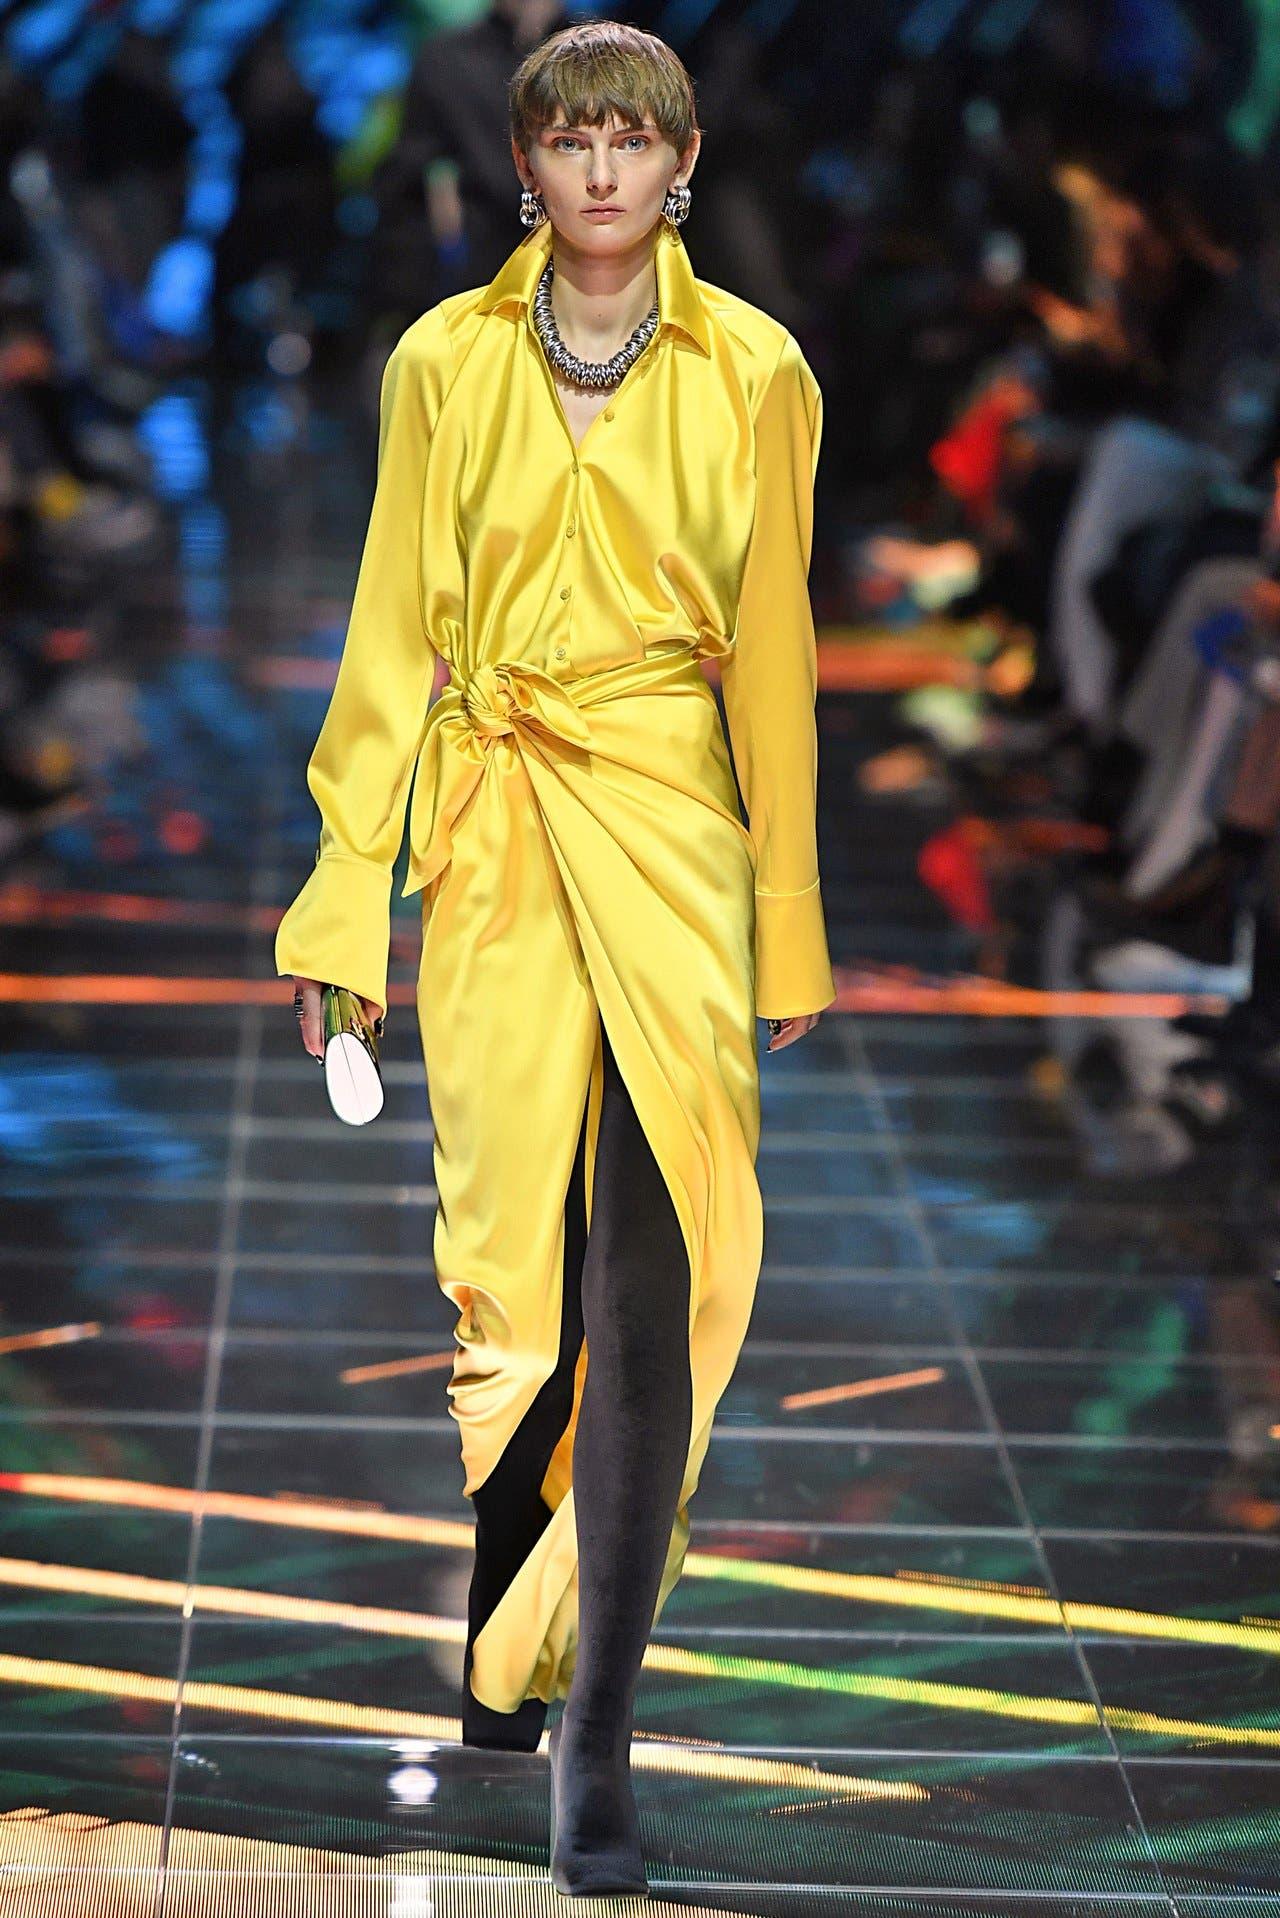 الثوب الأصفر كما ظهر في عرض بالنسياغا